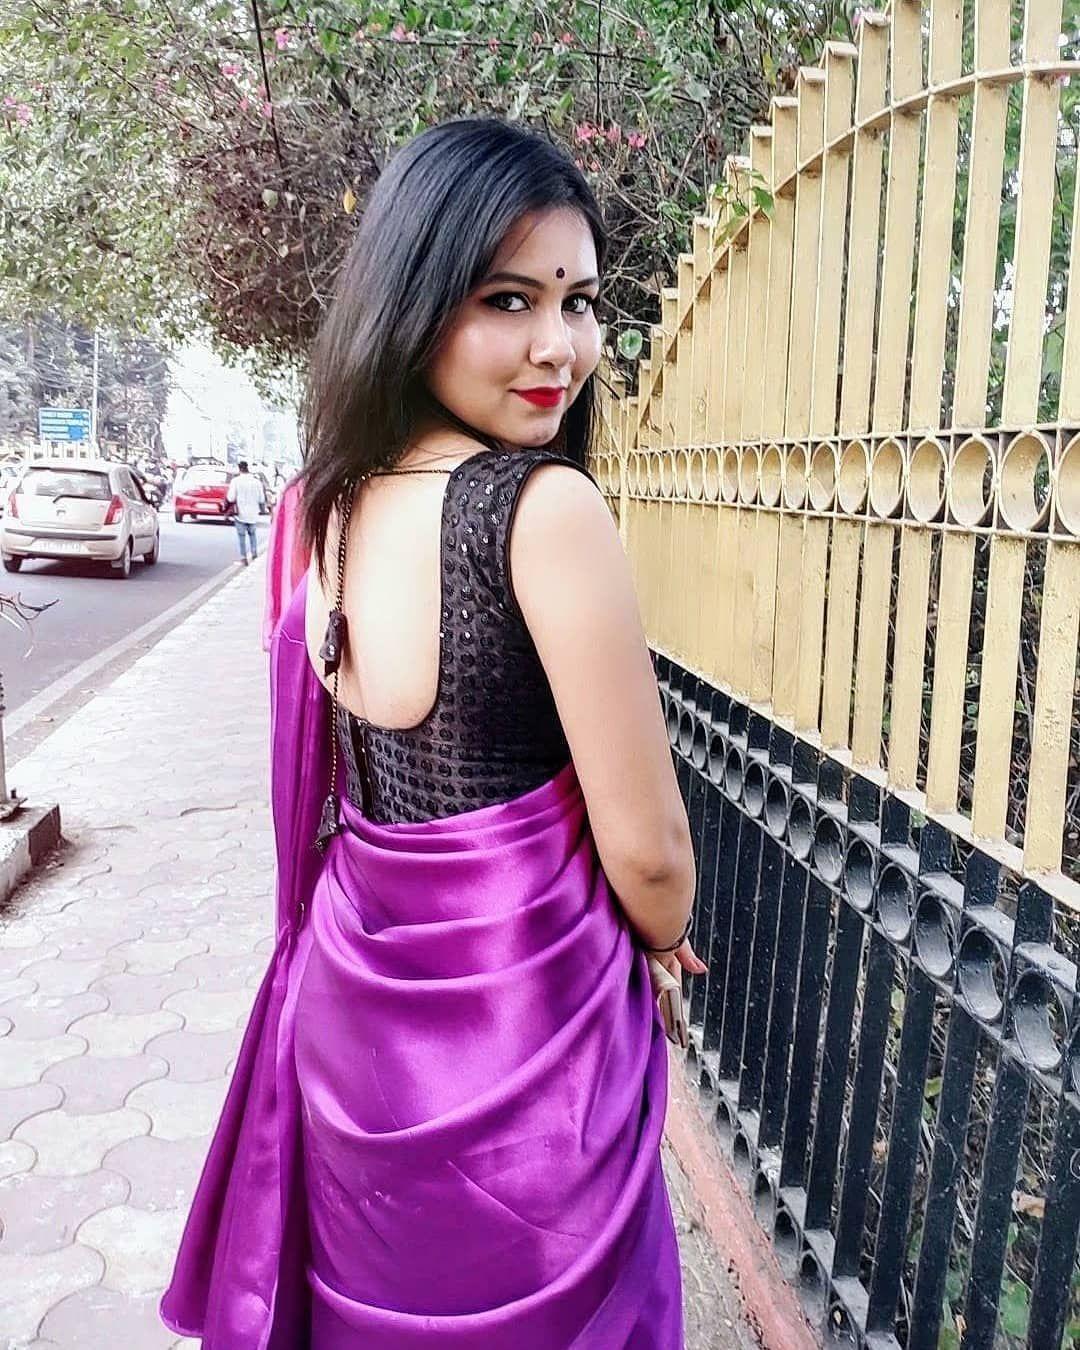 Pin by Âиgєℓι¢ тняєα∂z on വിഷുക്കൈനീട്ടം | Beautiful indian actress, Indian actress photos